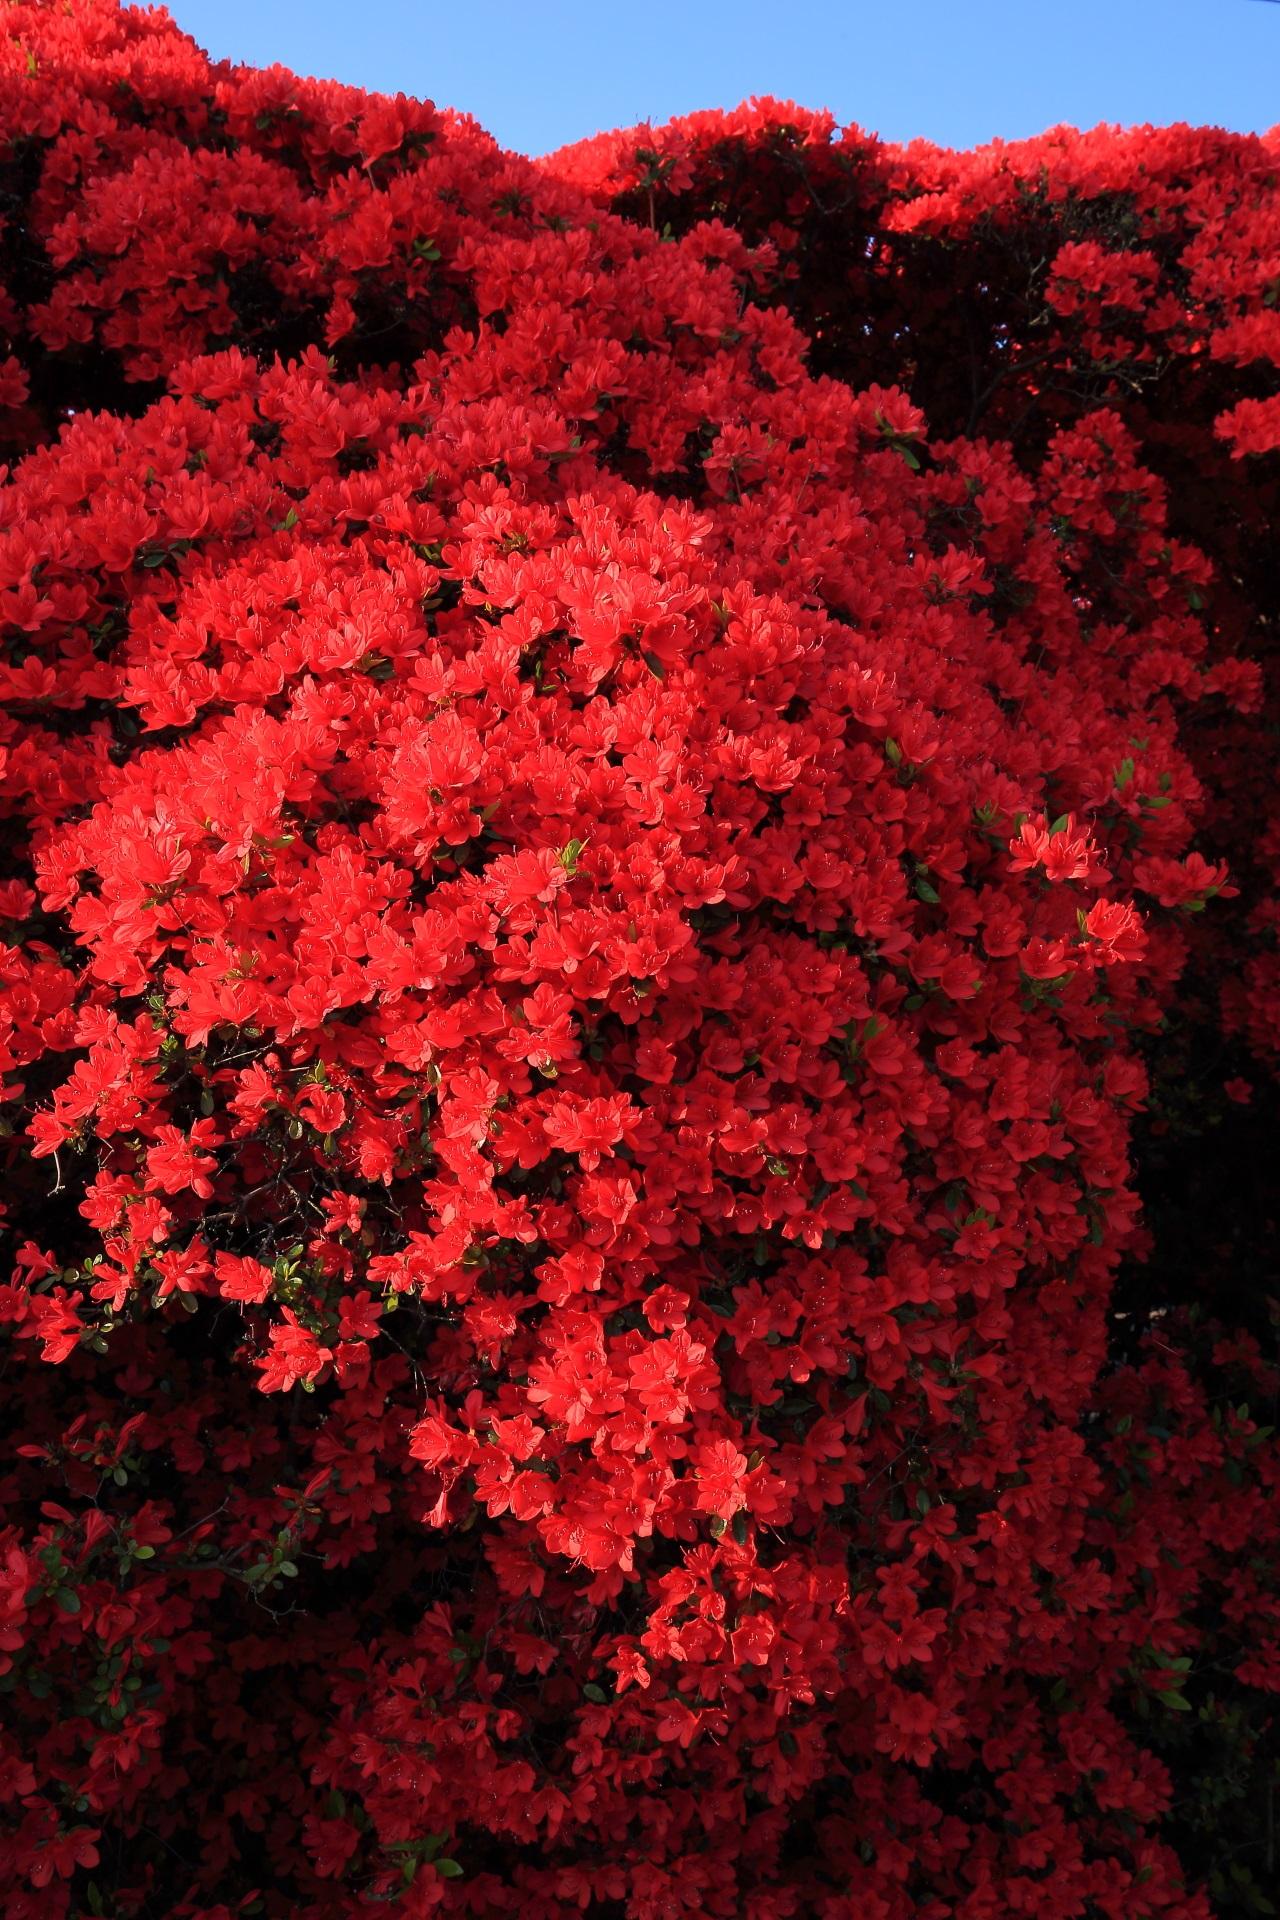 豪華な赤さの長岡天満宮の豪快なツツジ